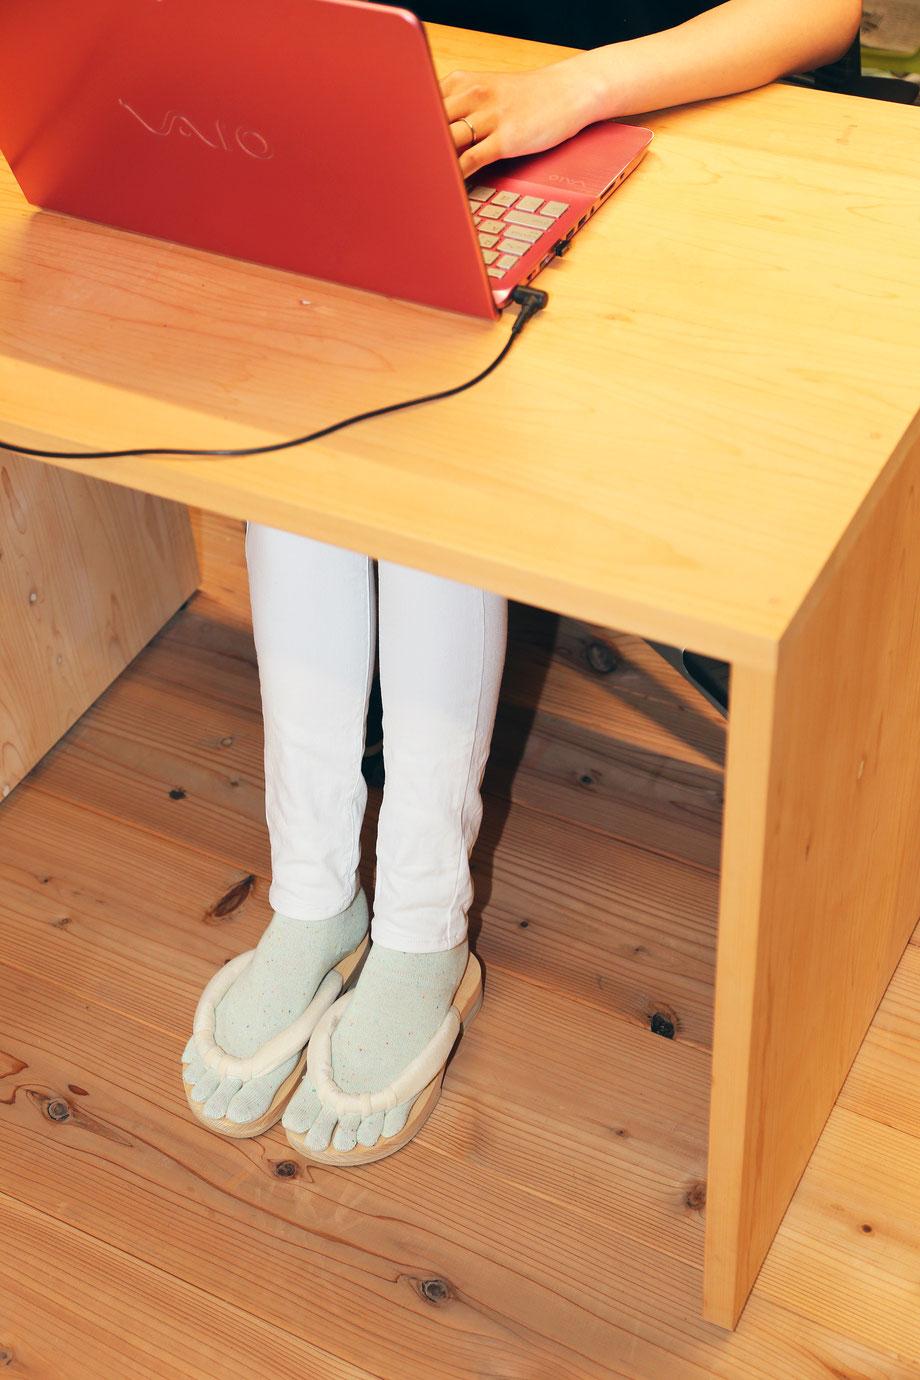 巣ごもり生活で、自宅でのリモートワークが増えてこられた方に、自宅で室内履きとして履いているだけで足指運動ができ、健康に近づくルームゲタルはこれからの健康必須アイテムです。テレワークに快適で最適な室内履きの履物です。roomGETALSはルーム下駄です。浮指対策に効果的な下駄です。